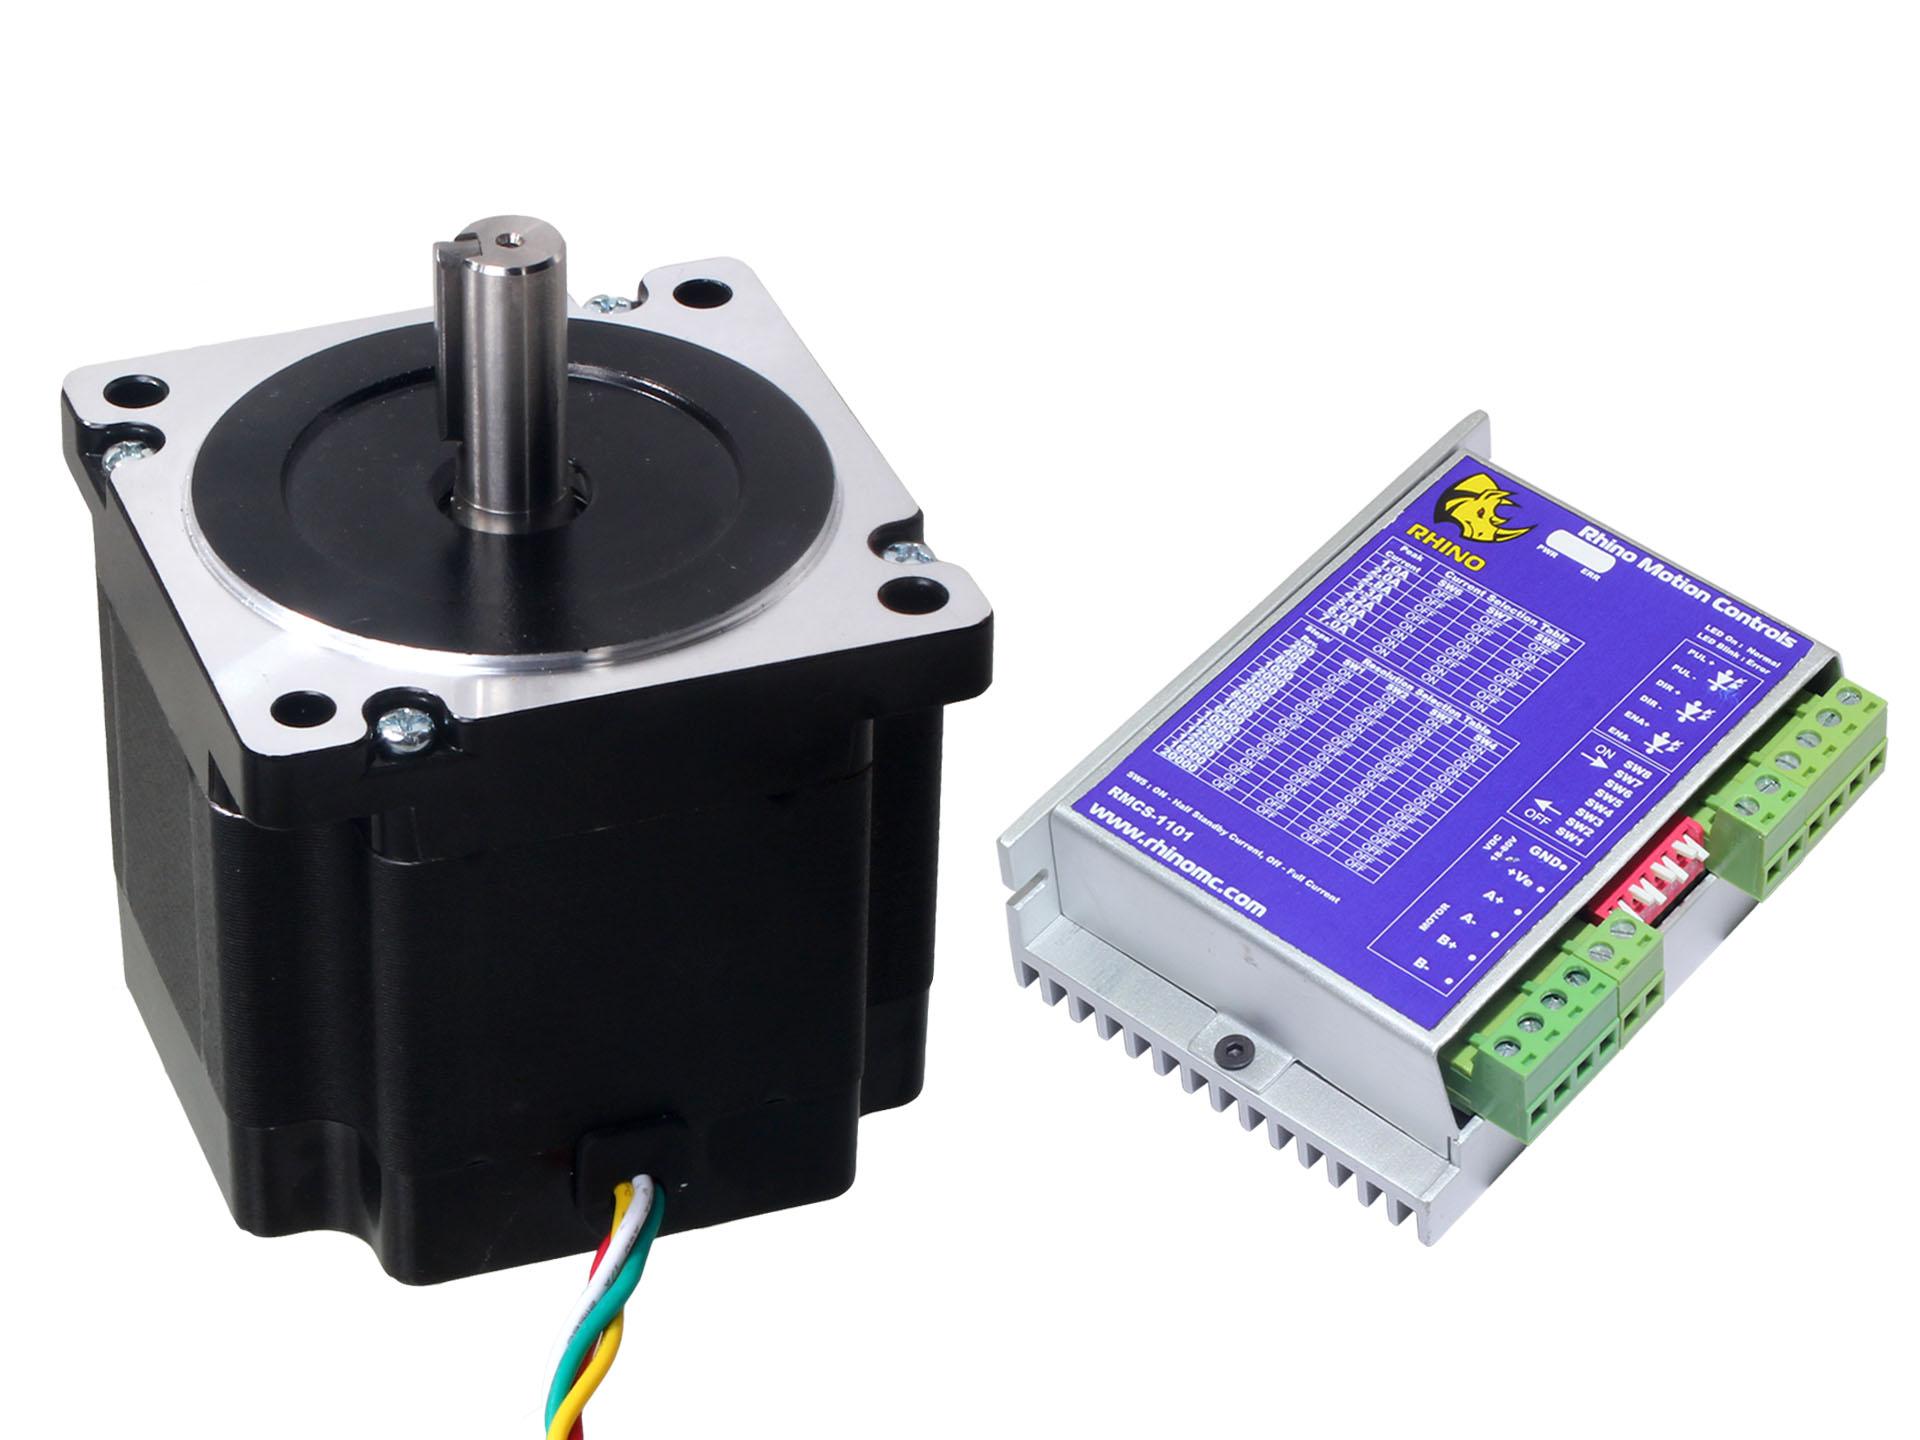 Nema34 stepper motor 45kgcm torque with rmcs 1101 drive for Stepper motor torque control